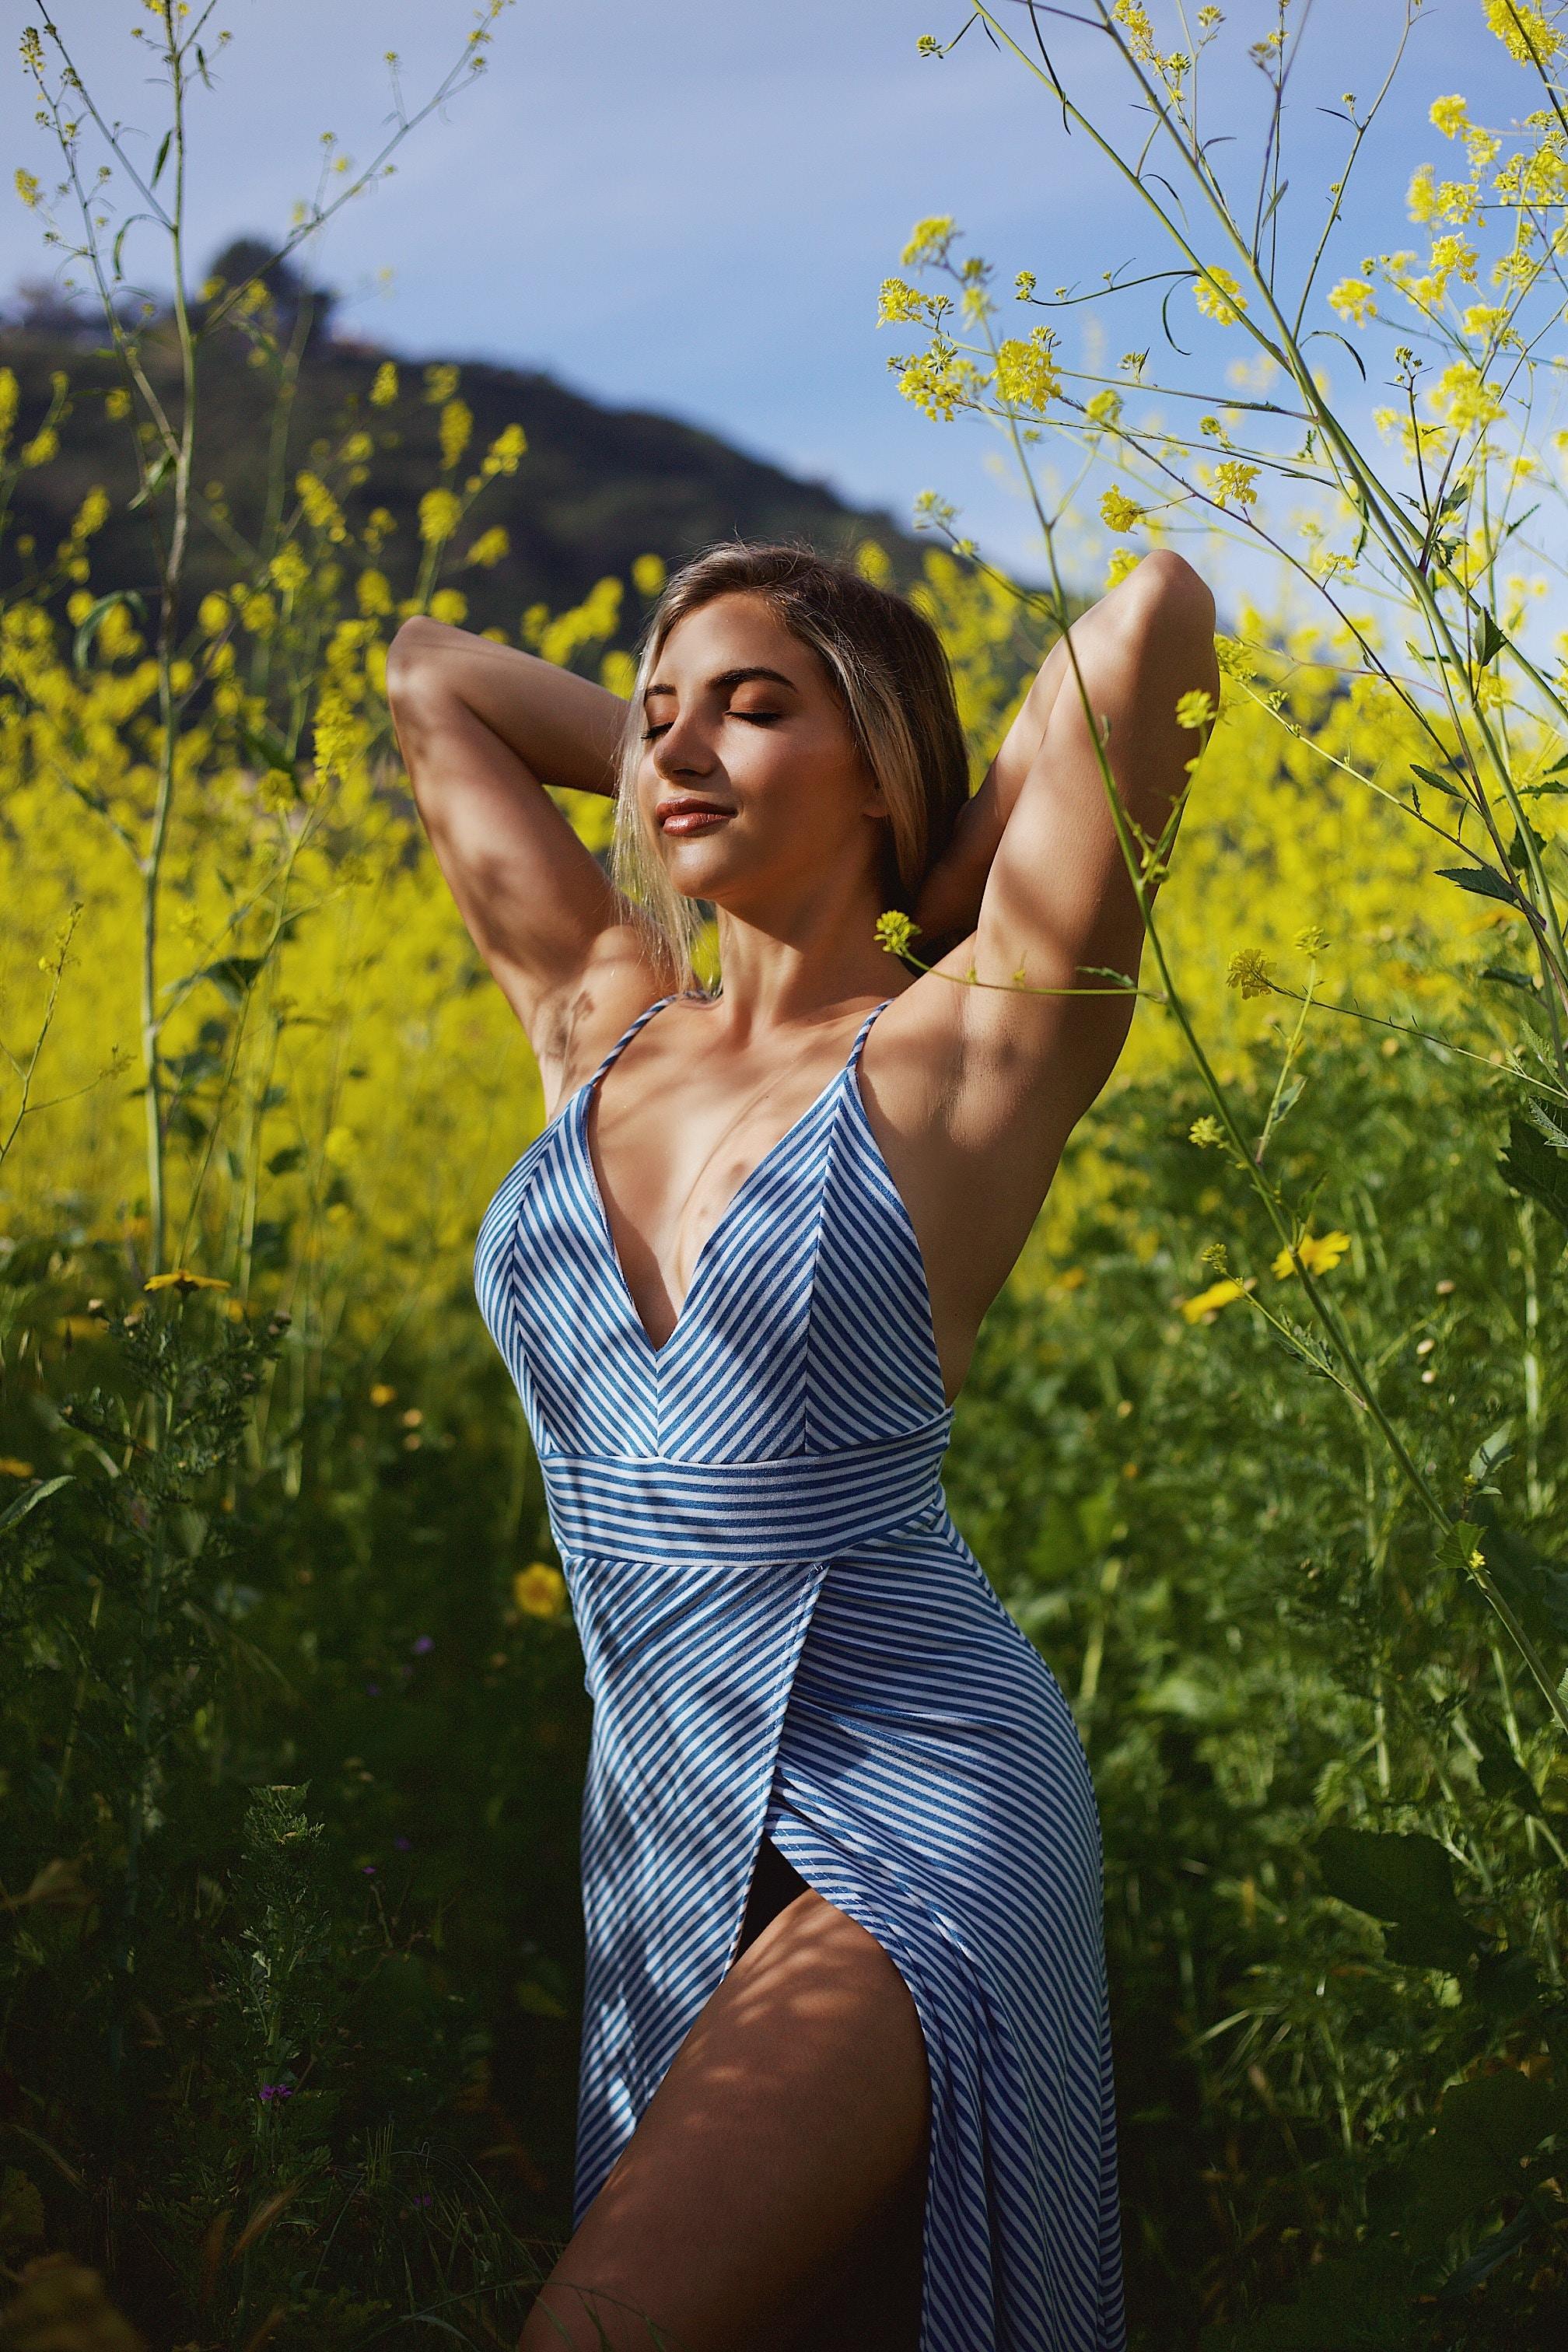 cô gái giữa vườn hoa cải lối sống tối giản